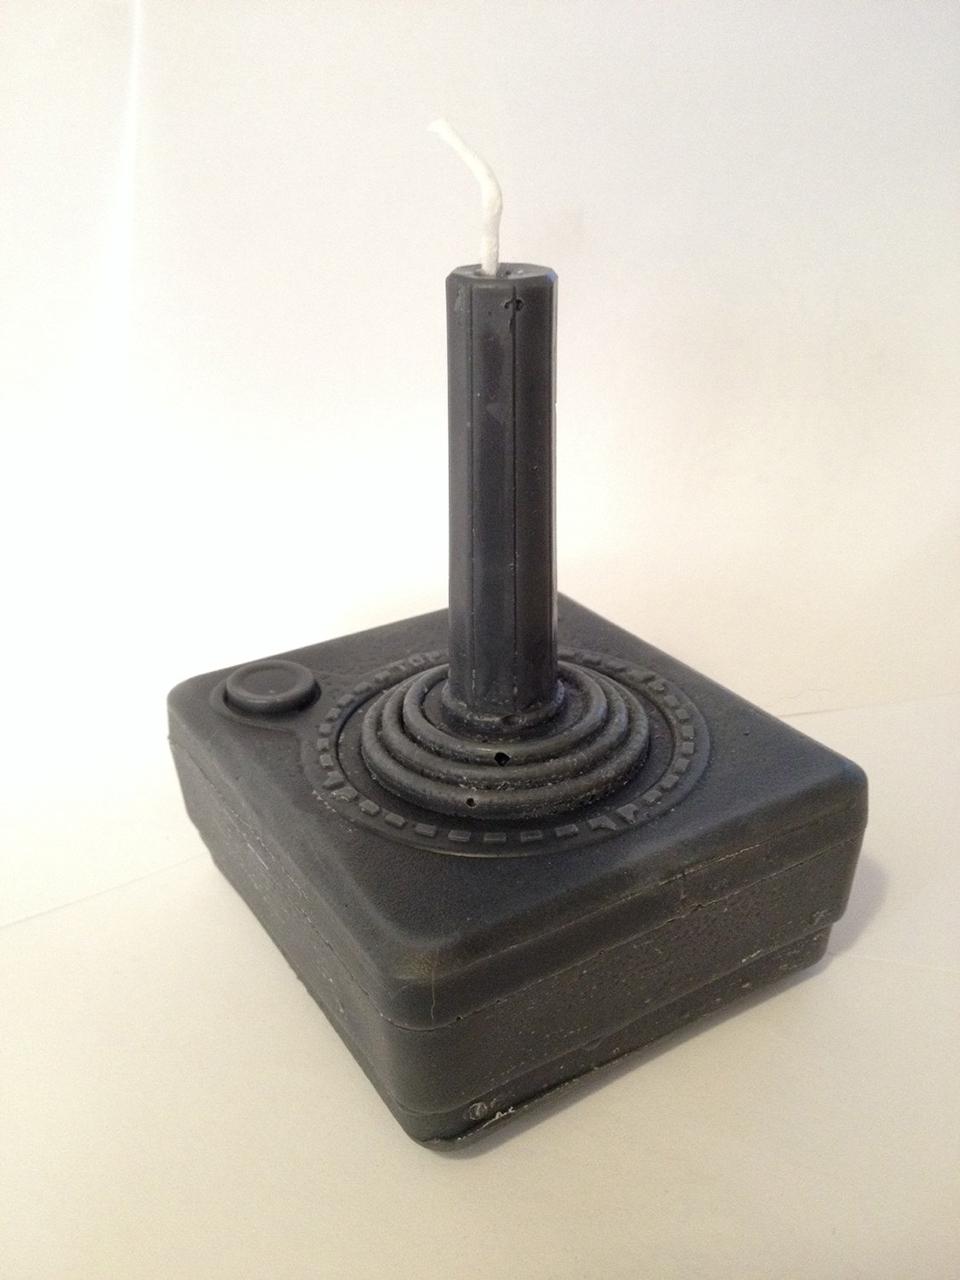 Atari 2600 Vcs Mr Do Scans Dump Download: Atari 2600 Joystick Candle: Coldbreaker